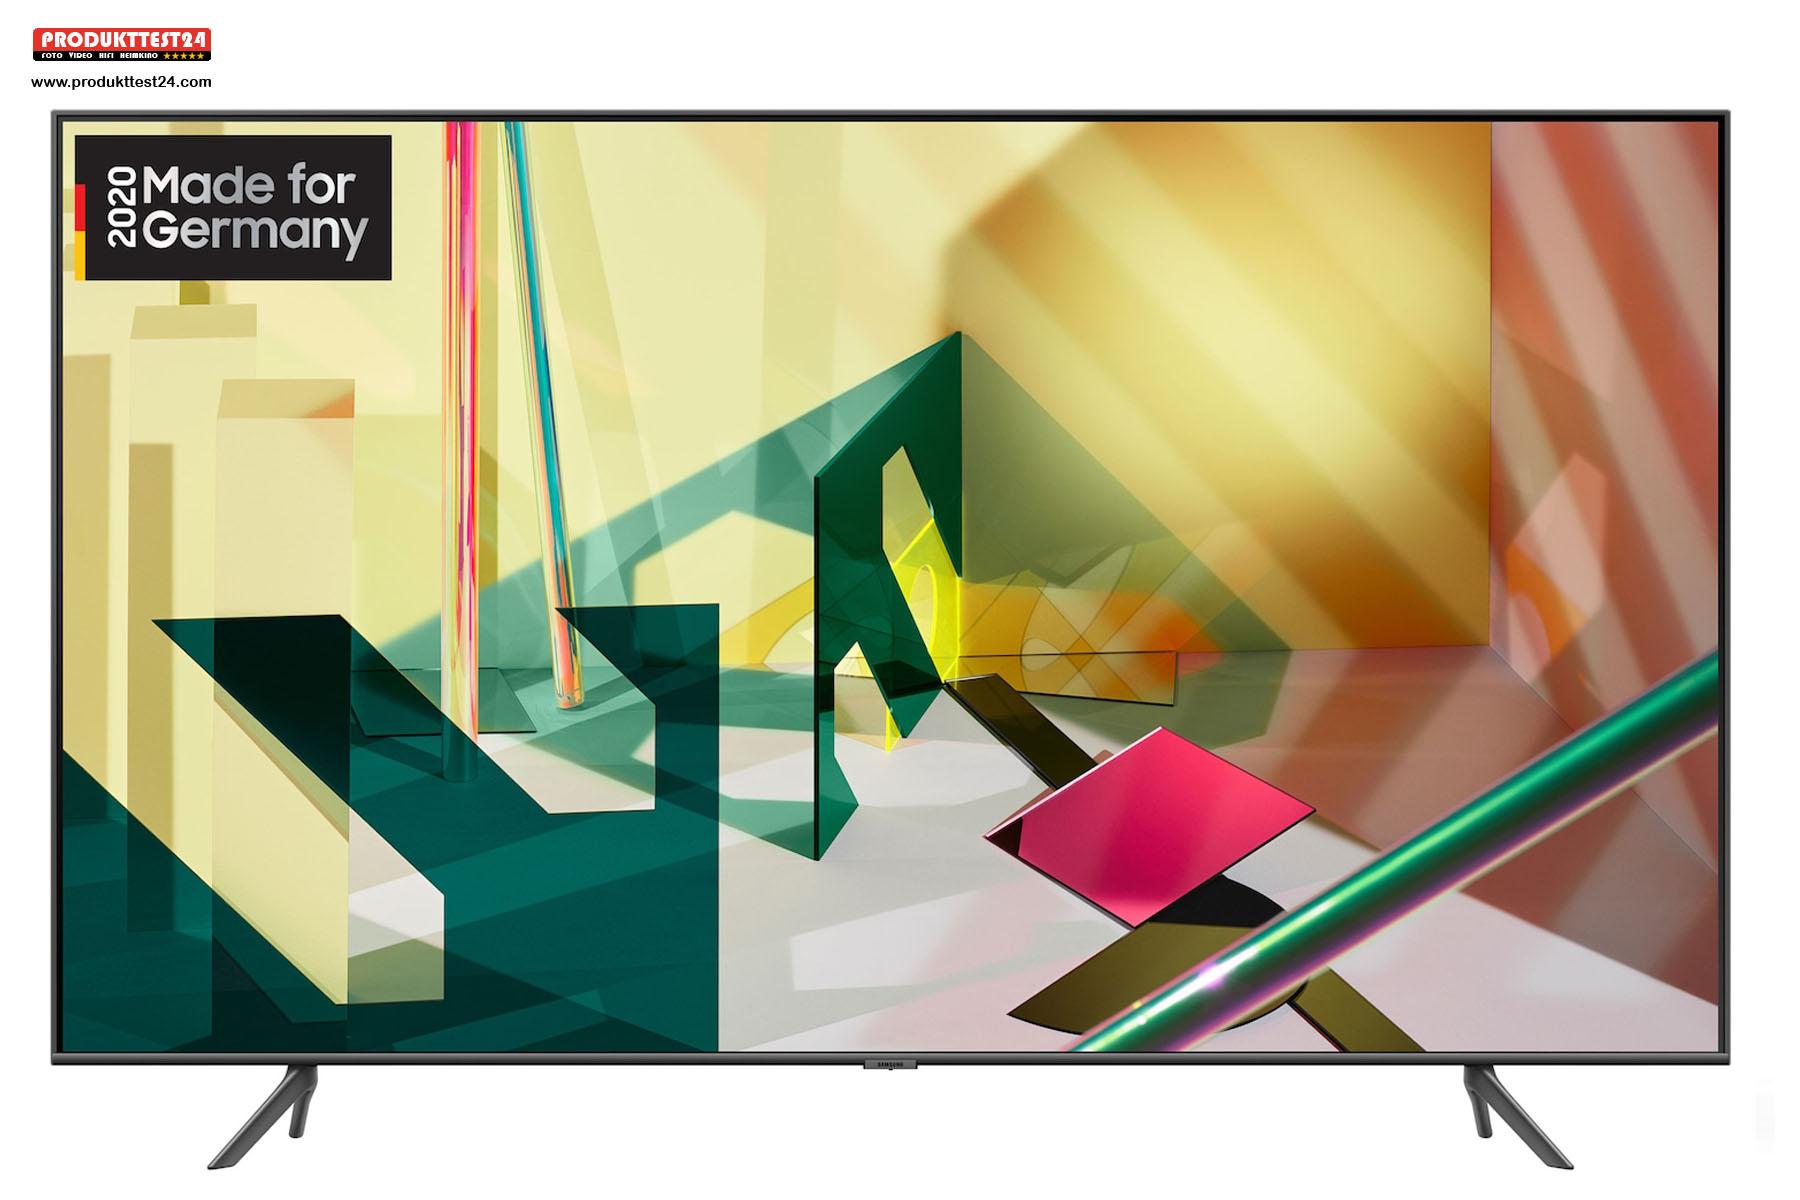 Der 85 Zoll Großbildfernseher - Samsung GQ85Q70T QLED 4K TV